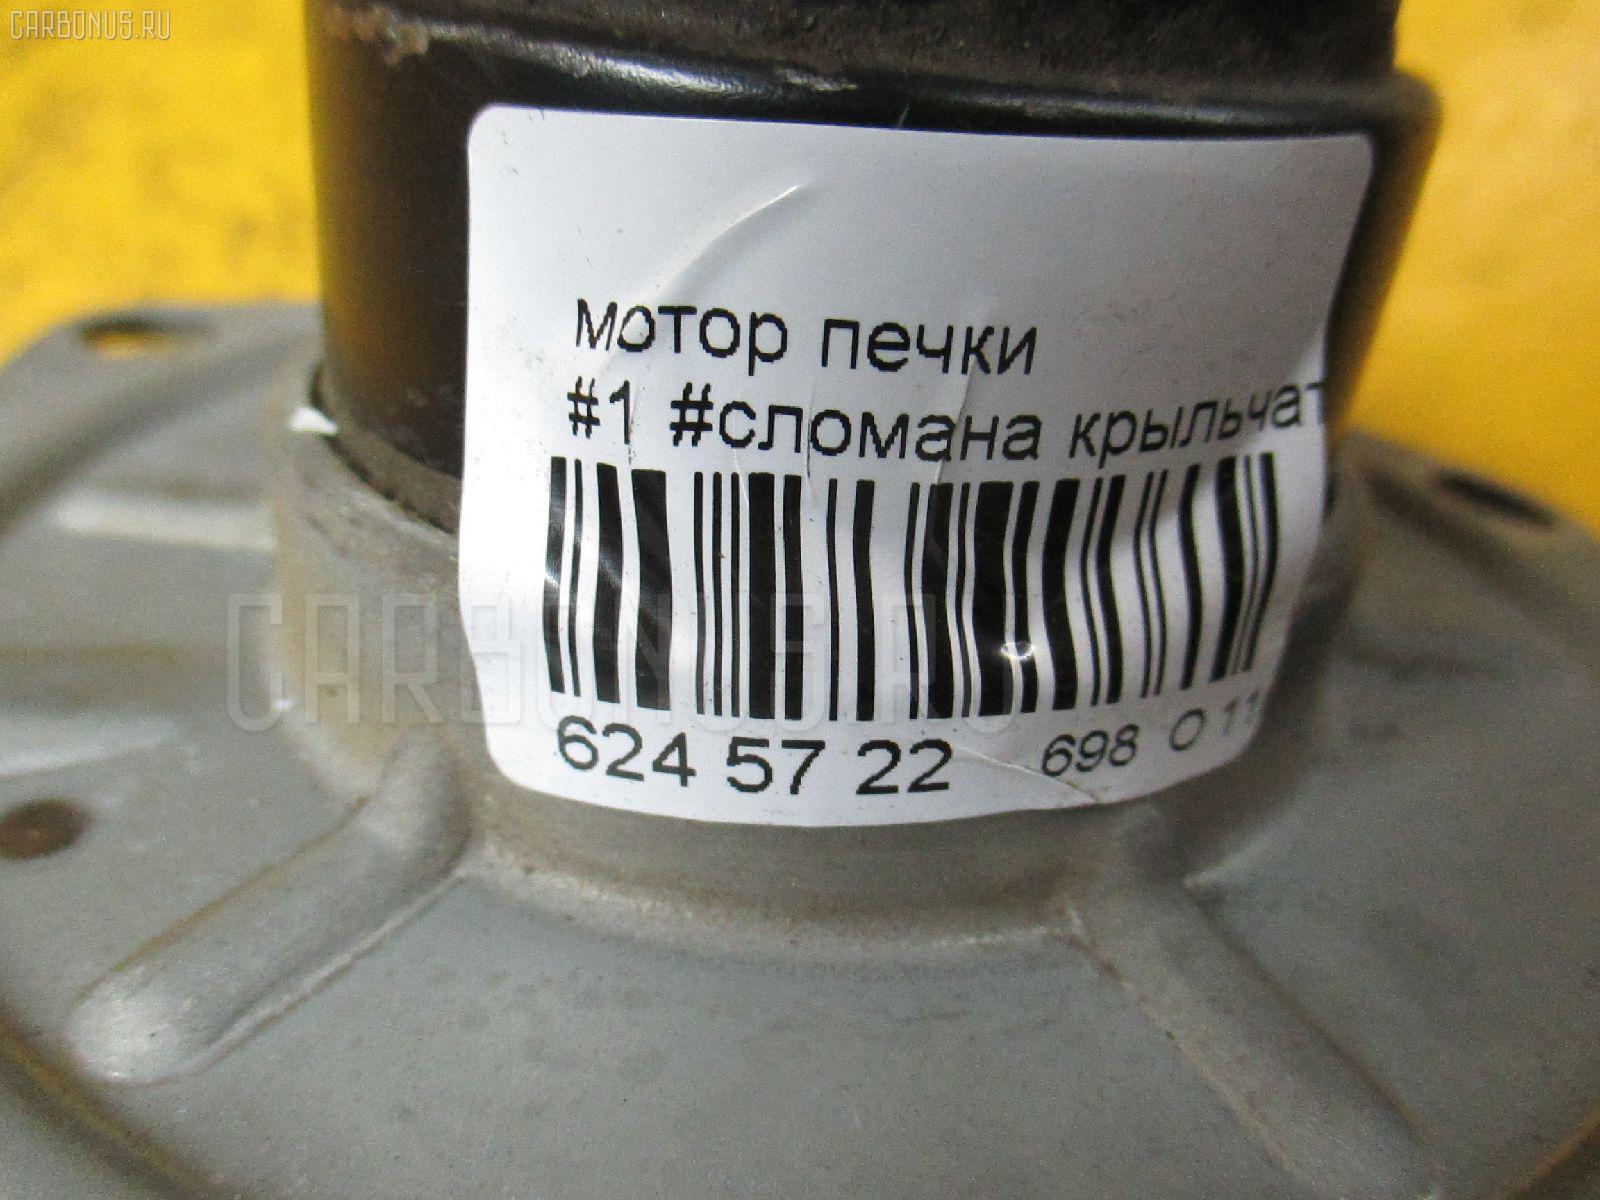 Мотор печки Фото 4